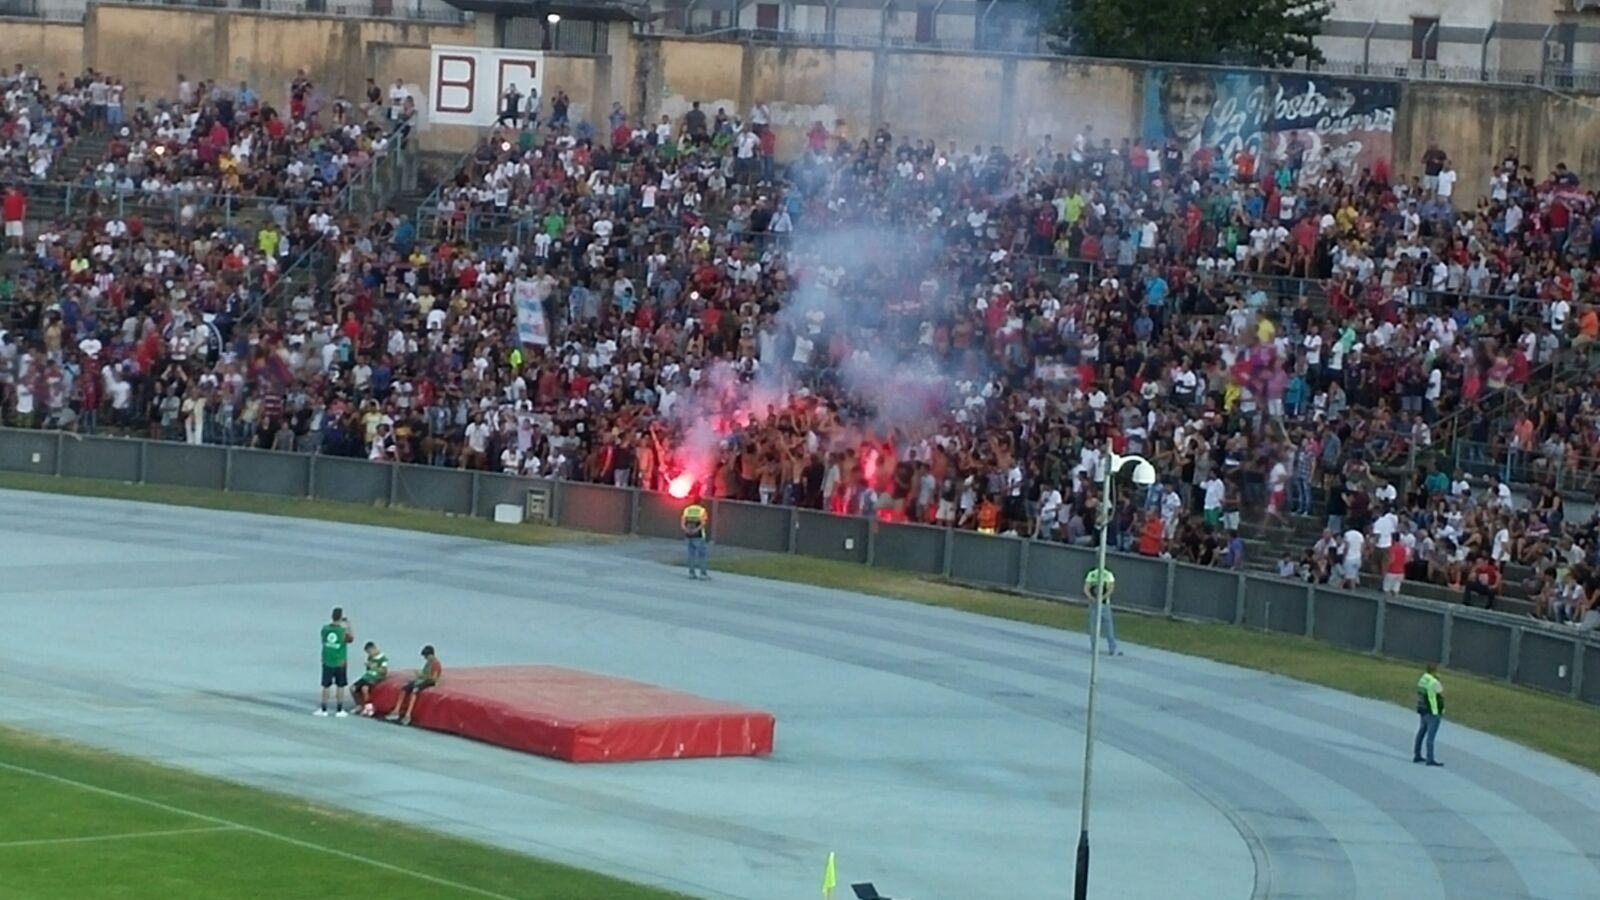 VIDEO - Il giorno di Crotone-Atletico MadridLa protesta dei tifosi e lo striscione contro le istituzioni